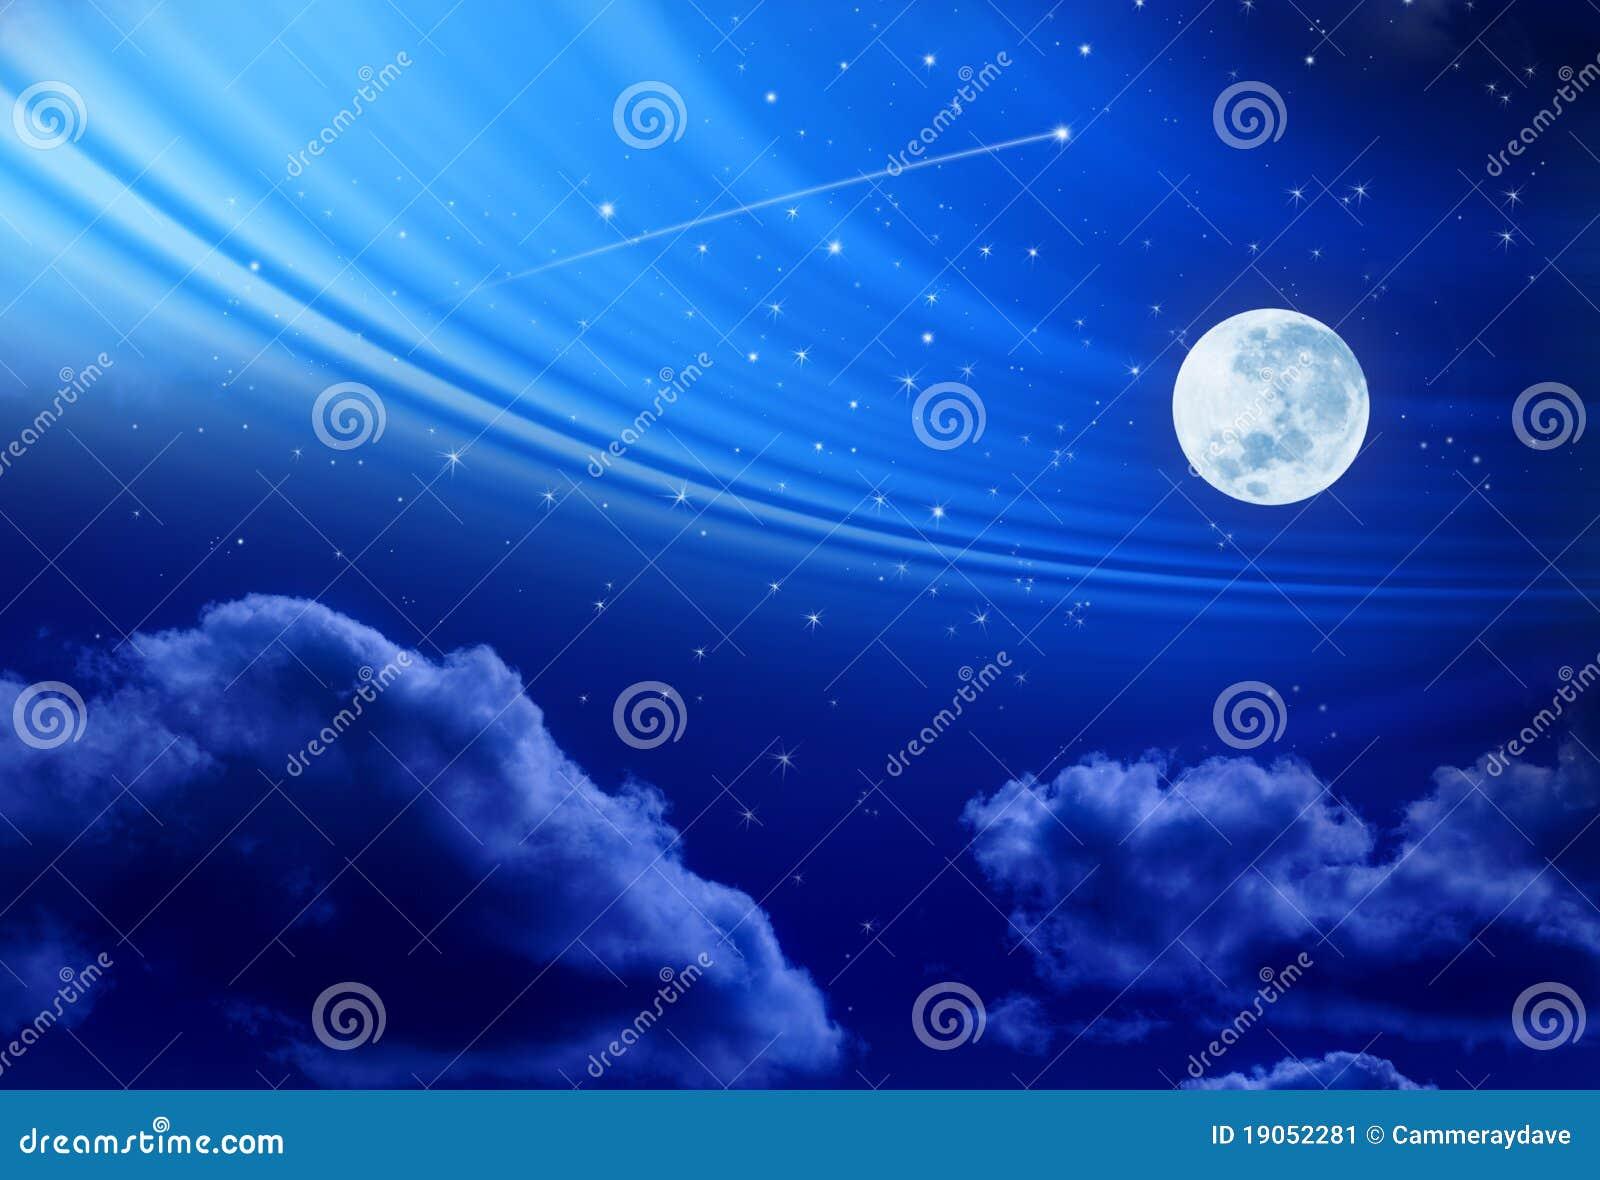 Księżyc w pełni nocne niebo